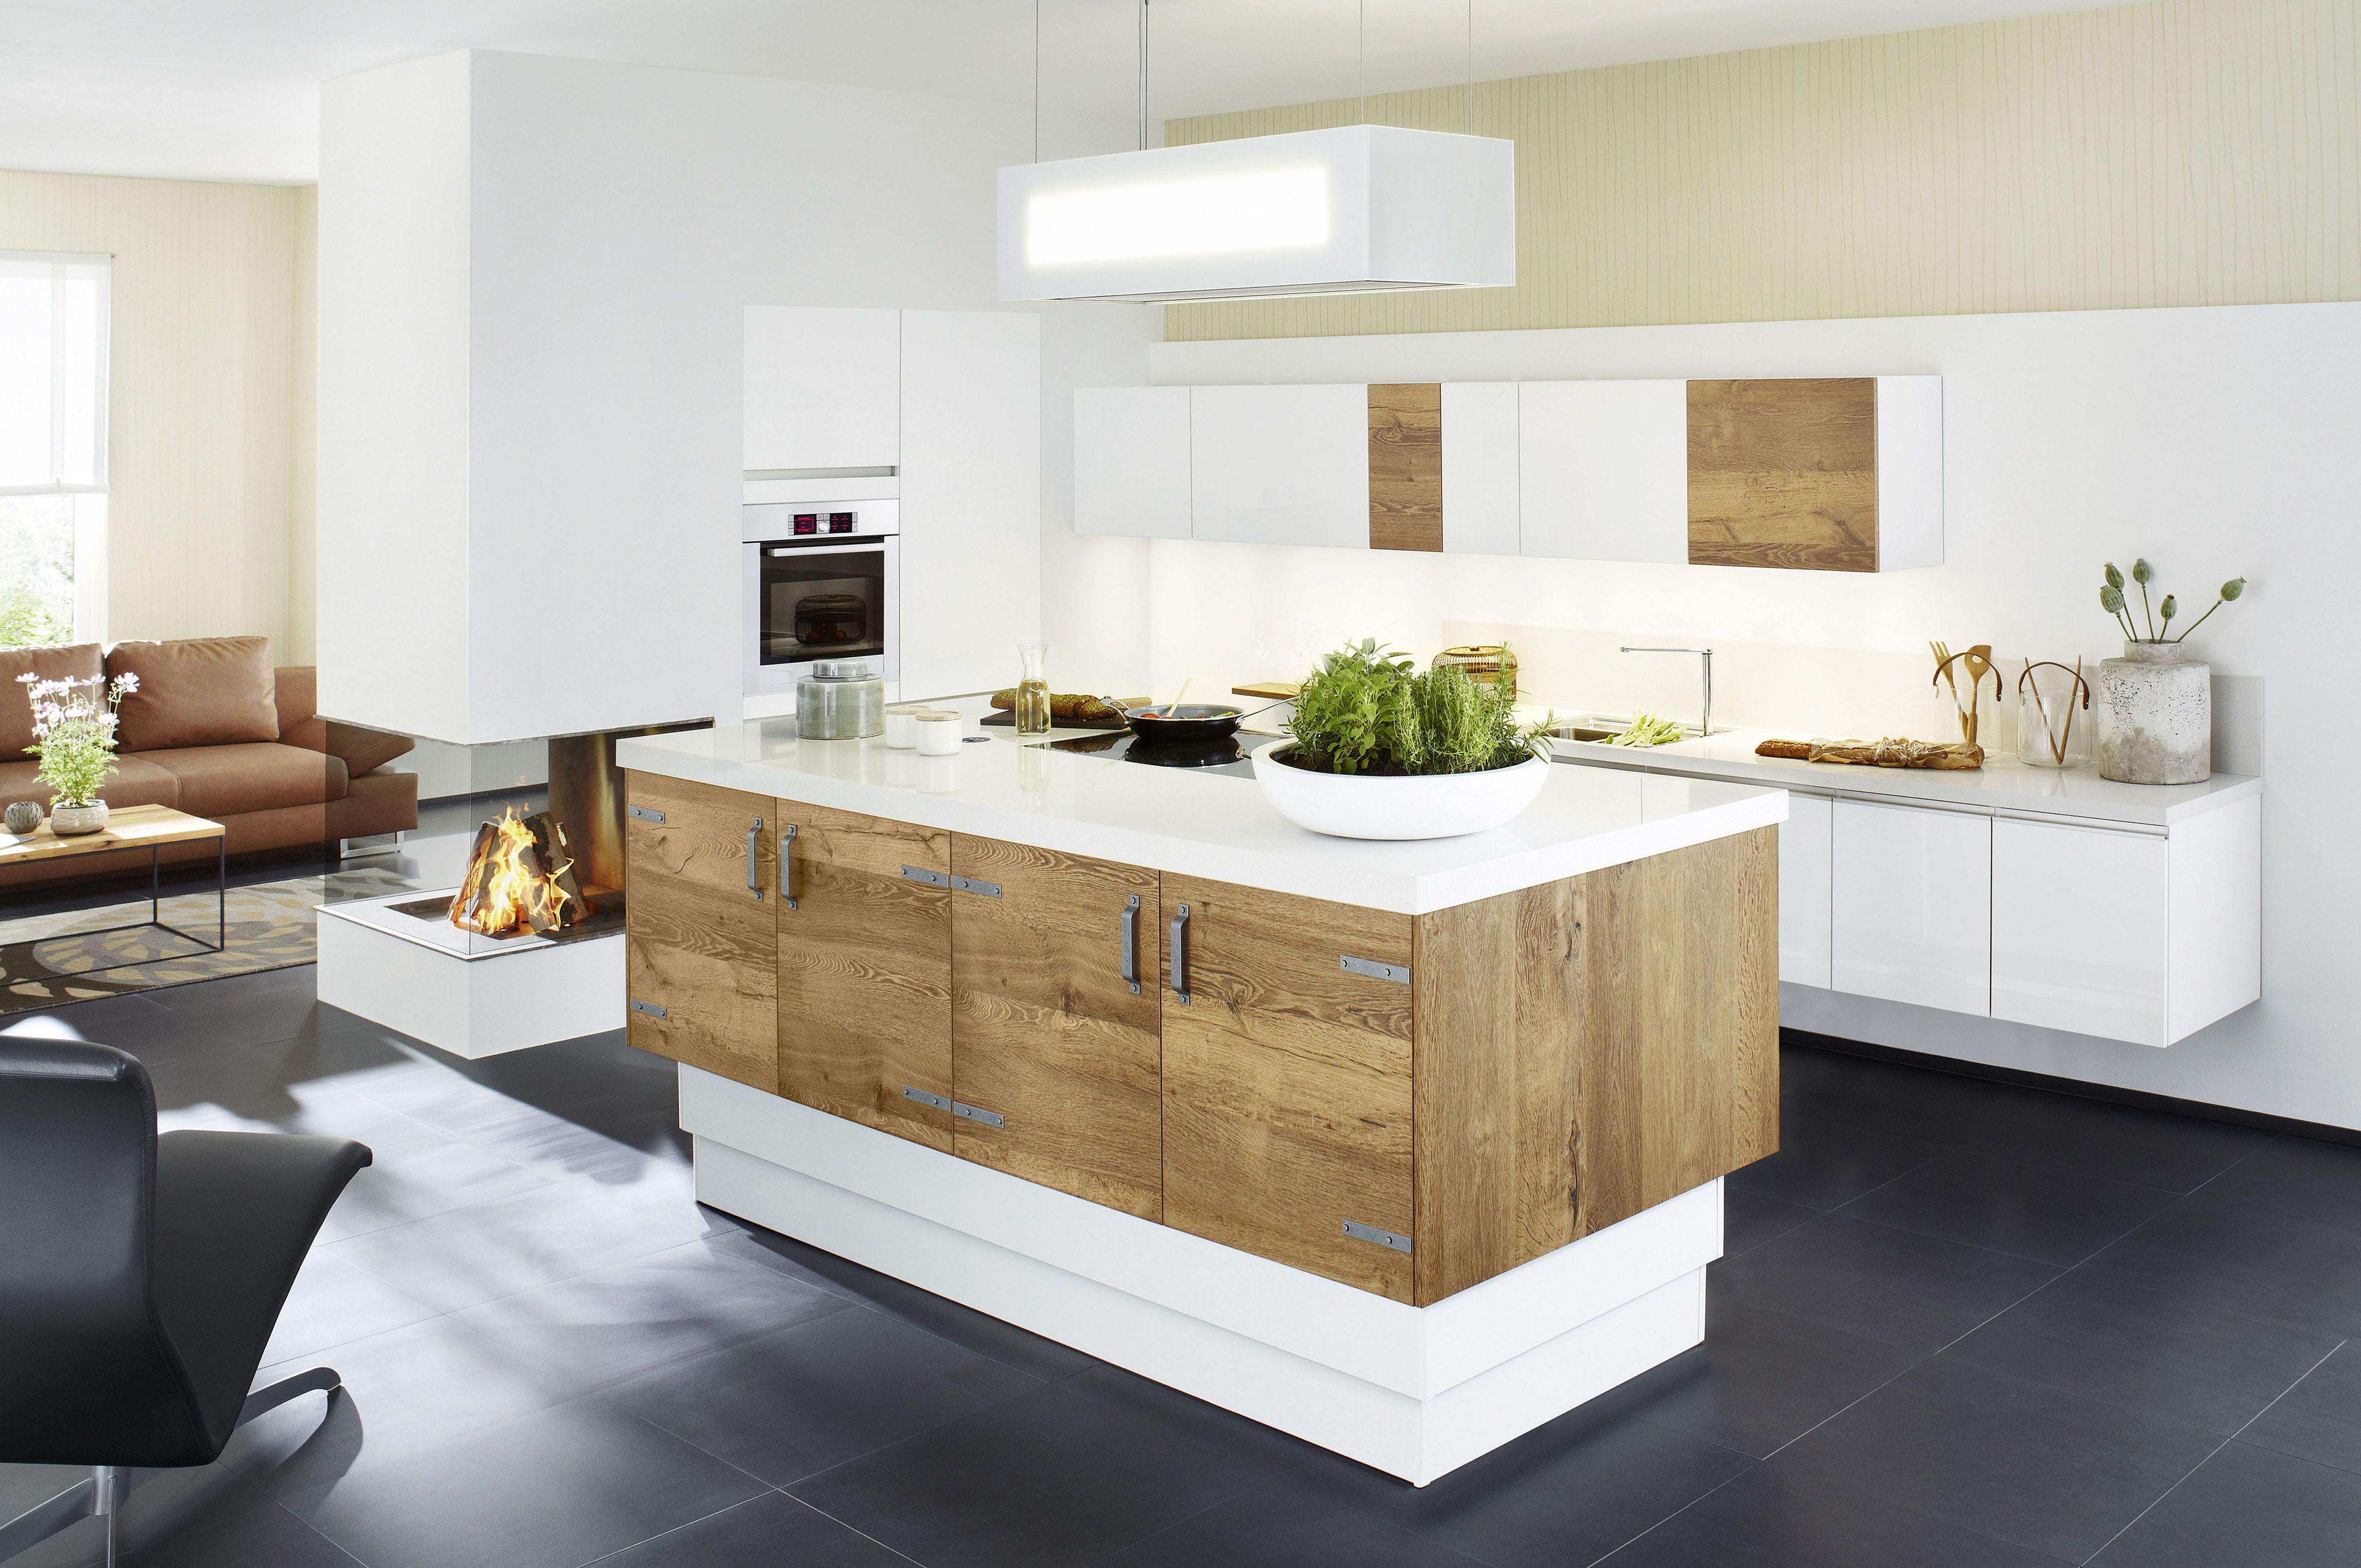 Farbgestaltung in der Küche: Drei Farben sind genug | Pinterest ...